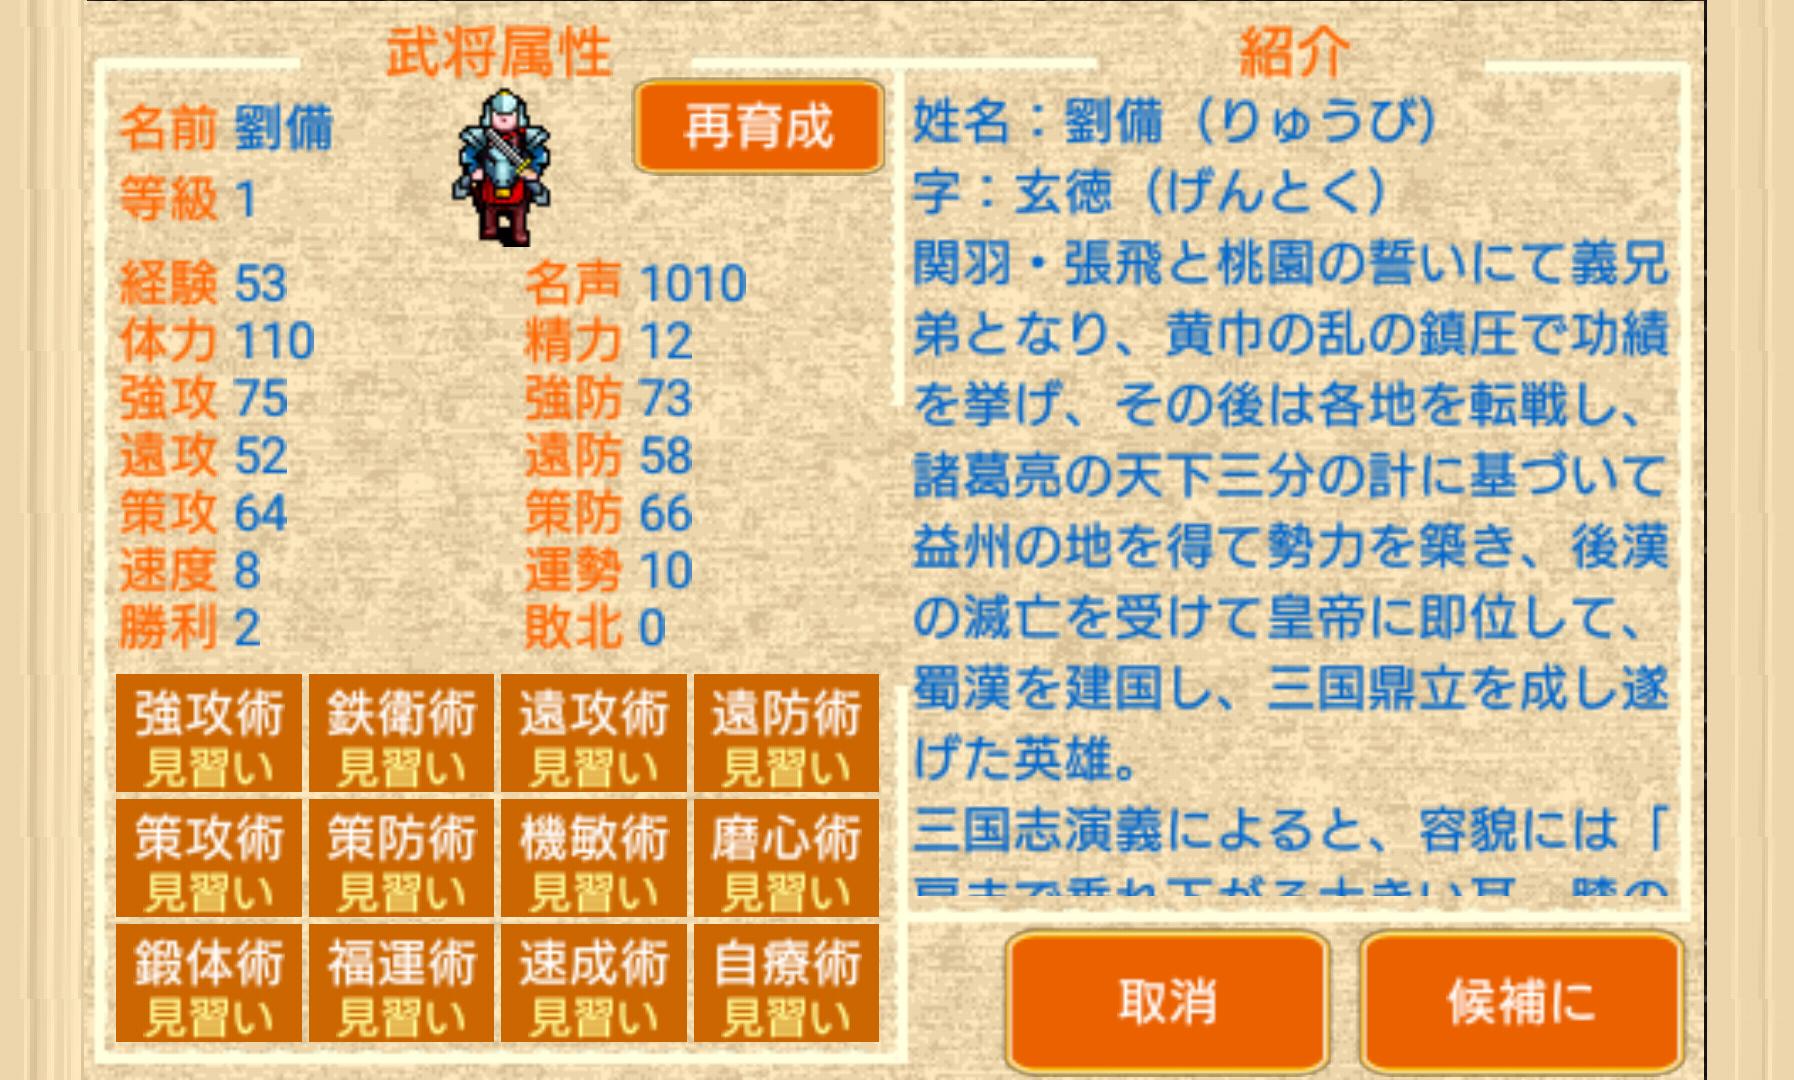 三国志蜀漢風雲 androidアプリスクリーンショット2